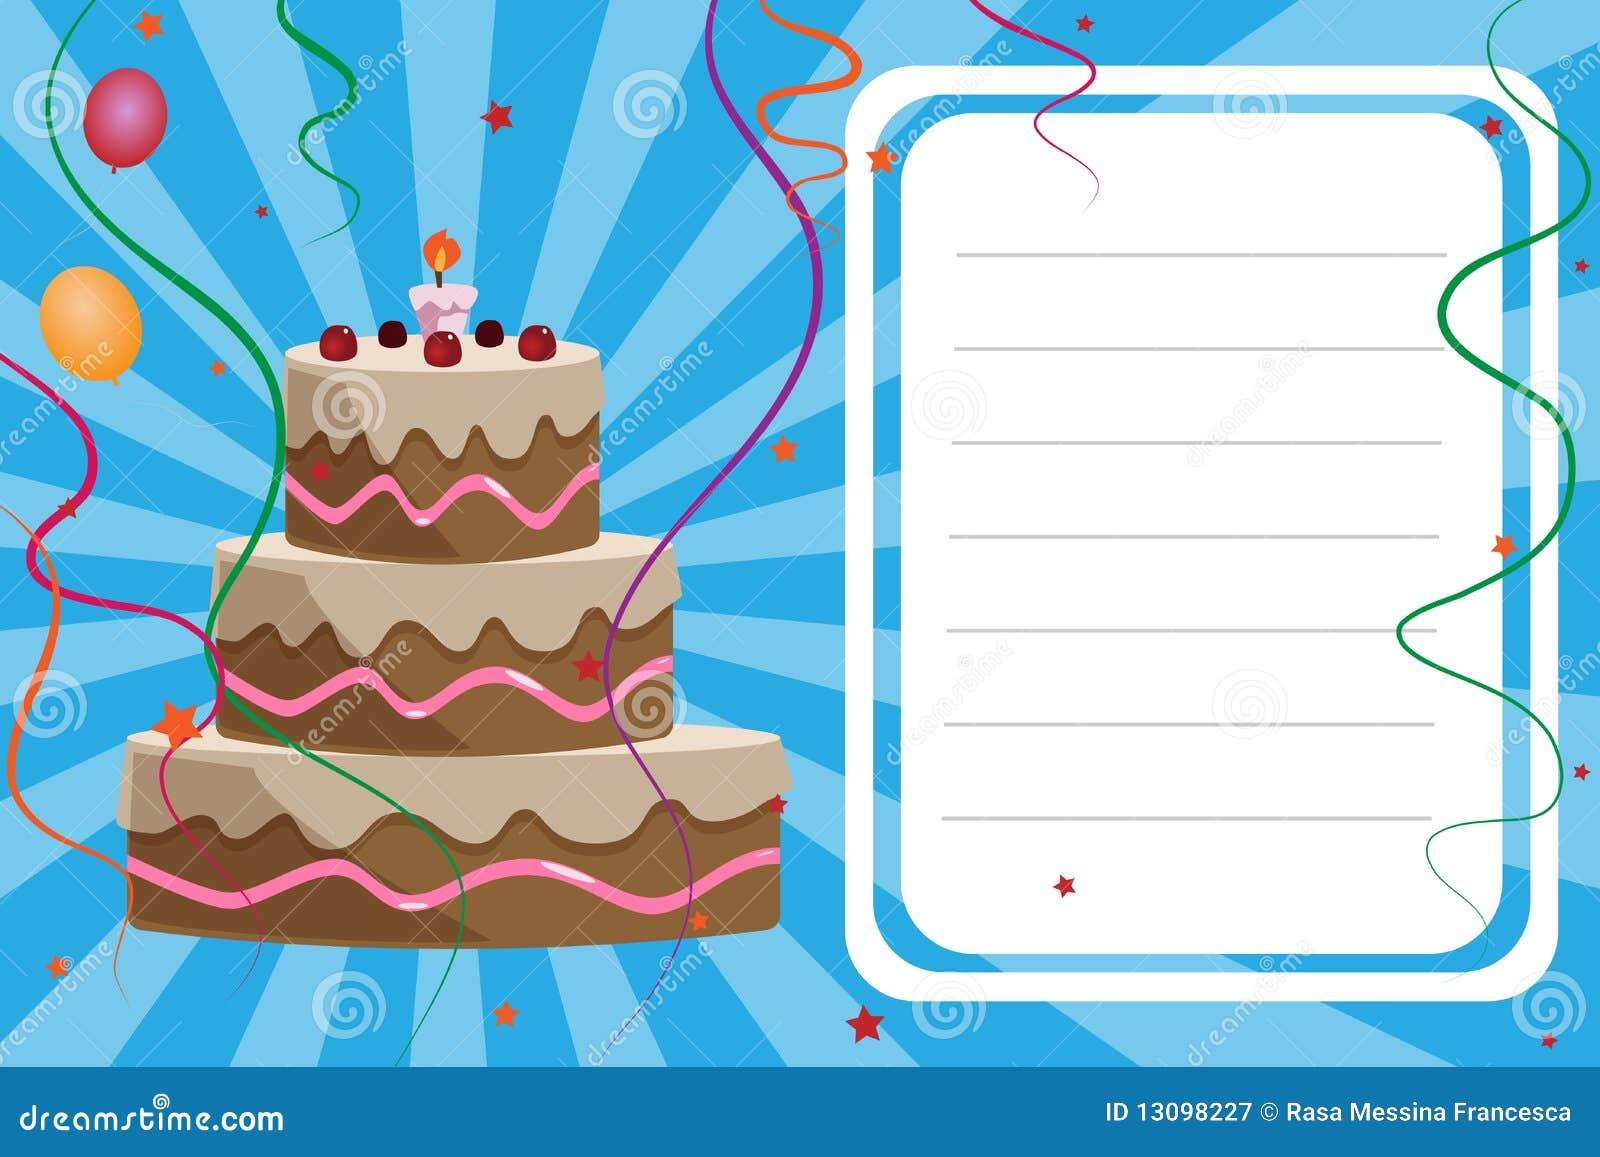 Пригласительная открытка на день рождение на английском языке, днем рождения альфия